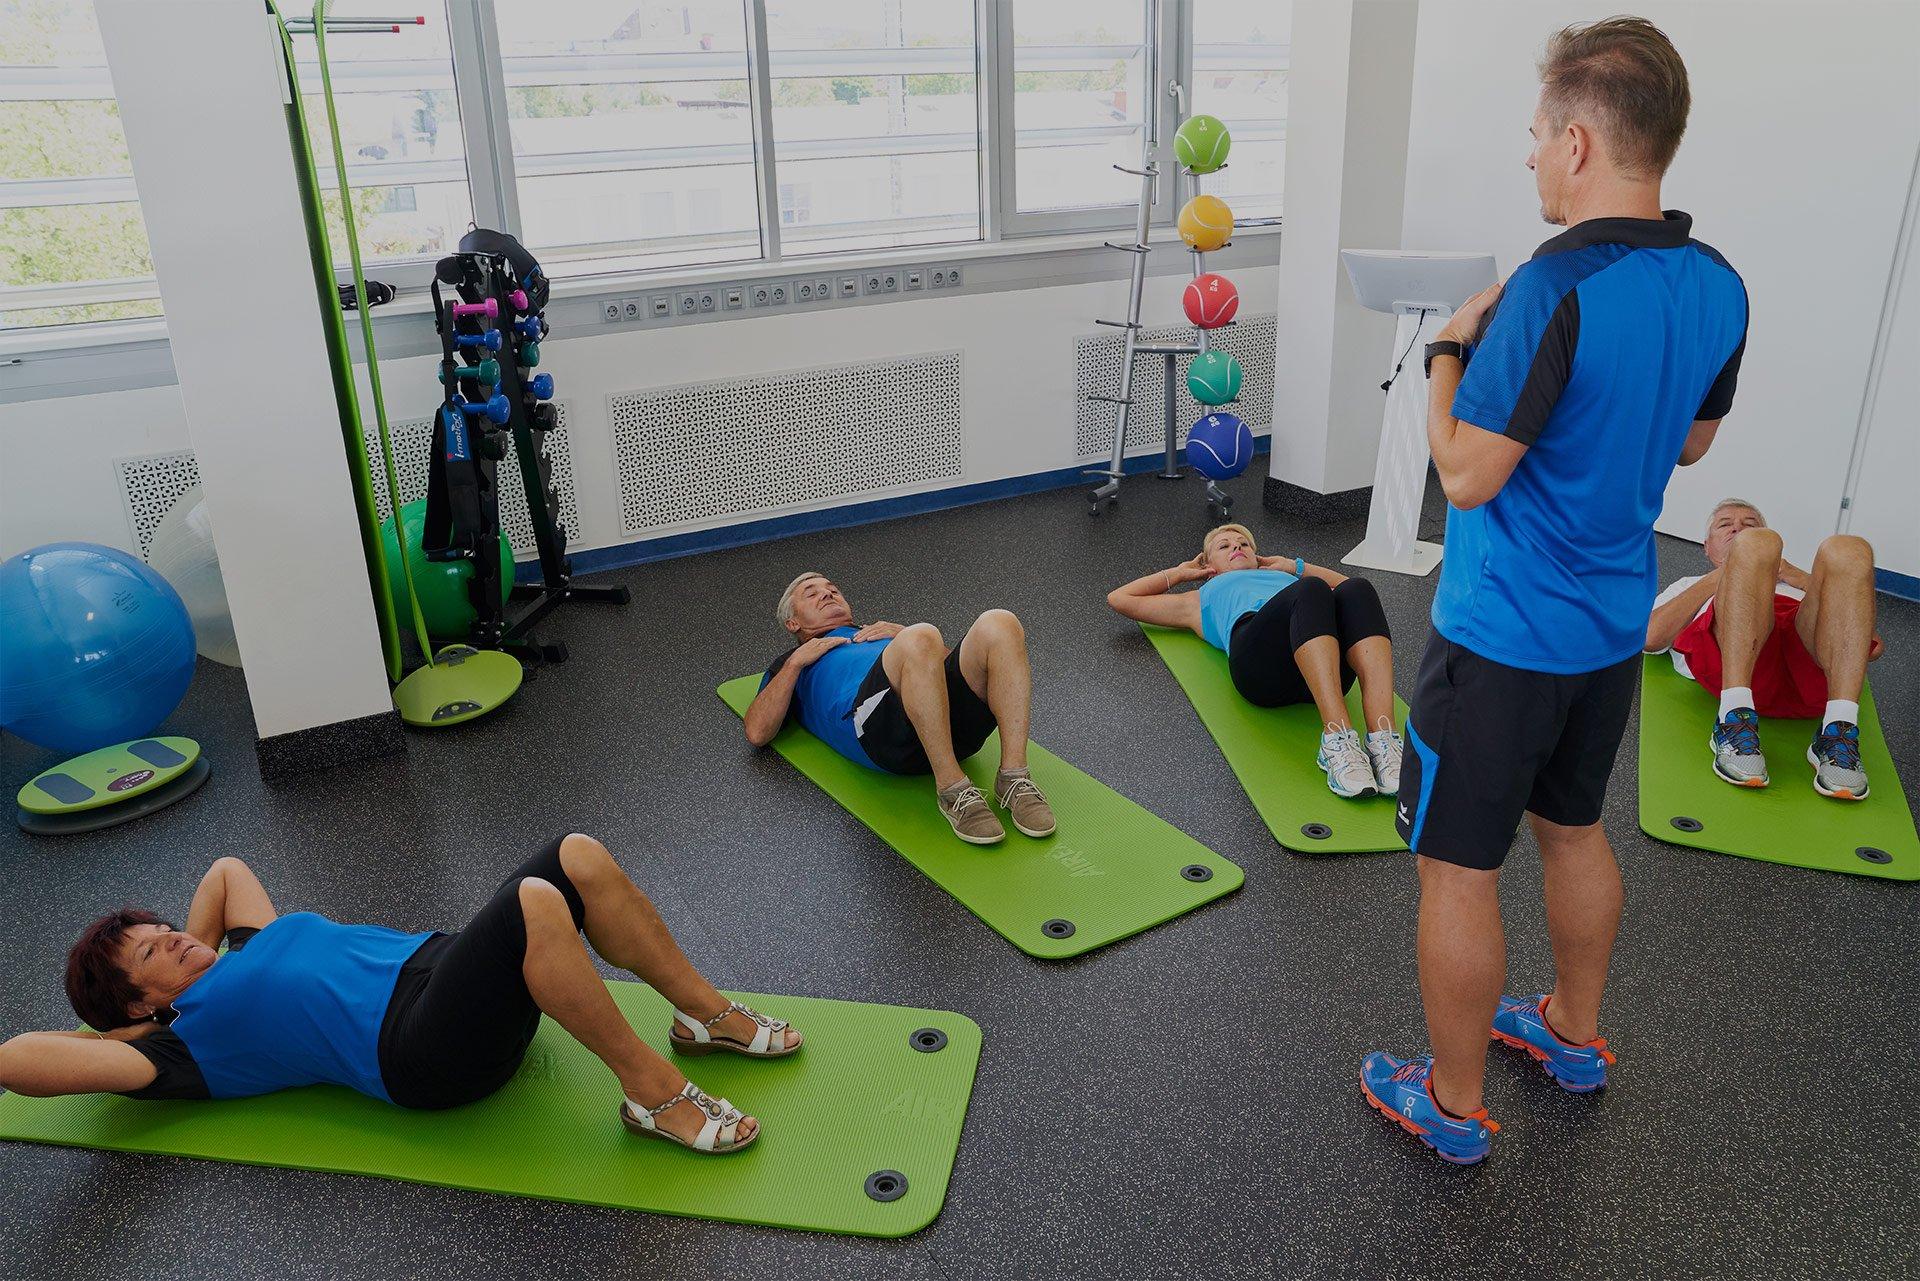 Gruppentrainings mit Abwechslung, Spaß und außergewöhnlichen Trainingsmethoden